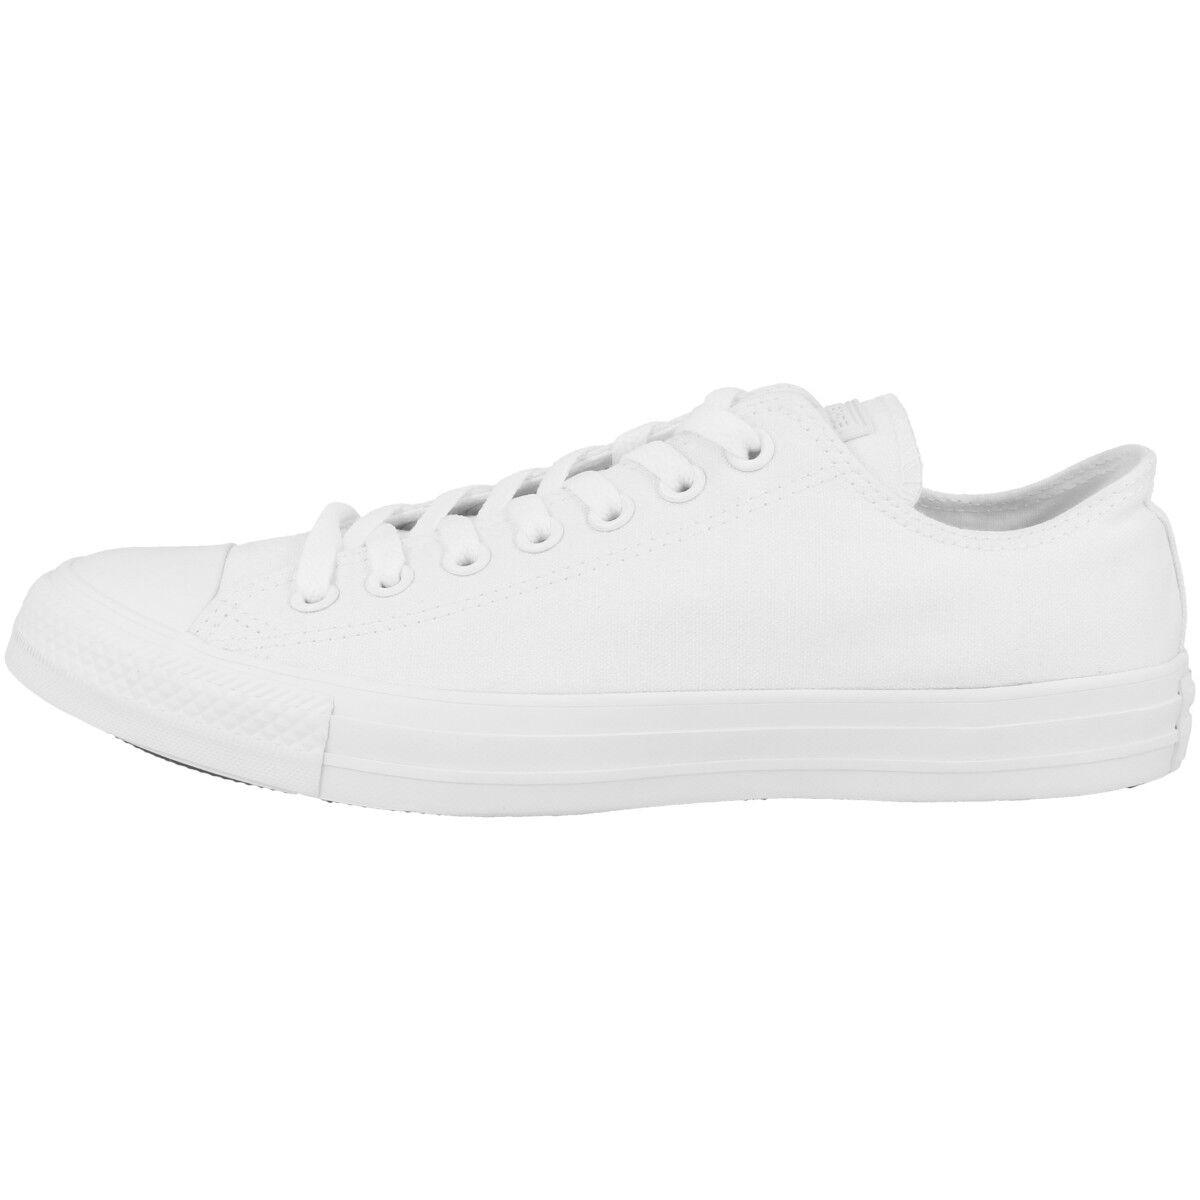 Converse Chuck Taylor All Star specialty Ox Ox specialty Zapatos  Blanco 1u647 ocio cortos 4b6566